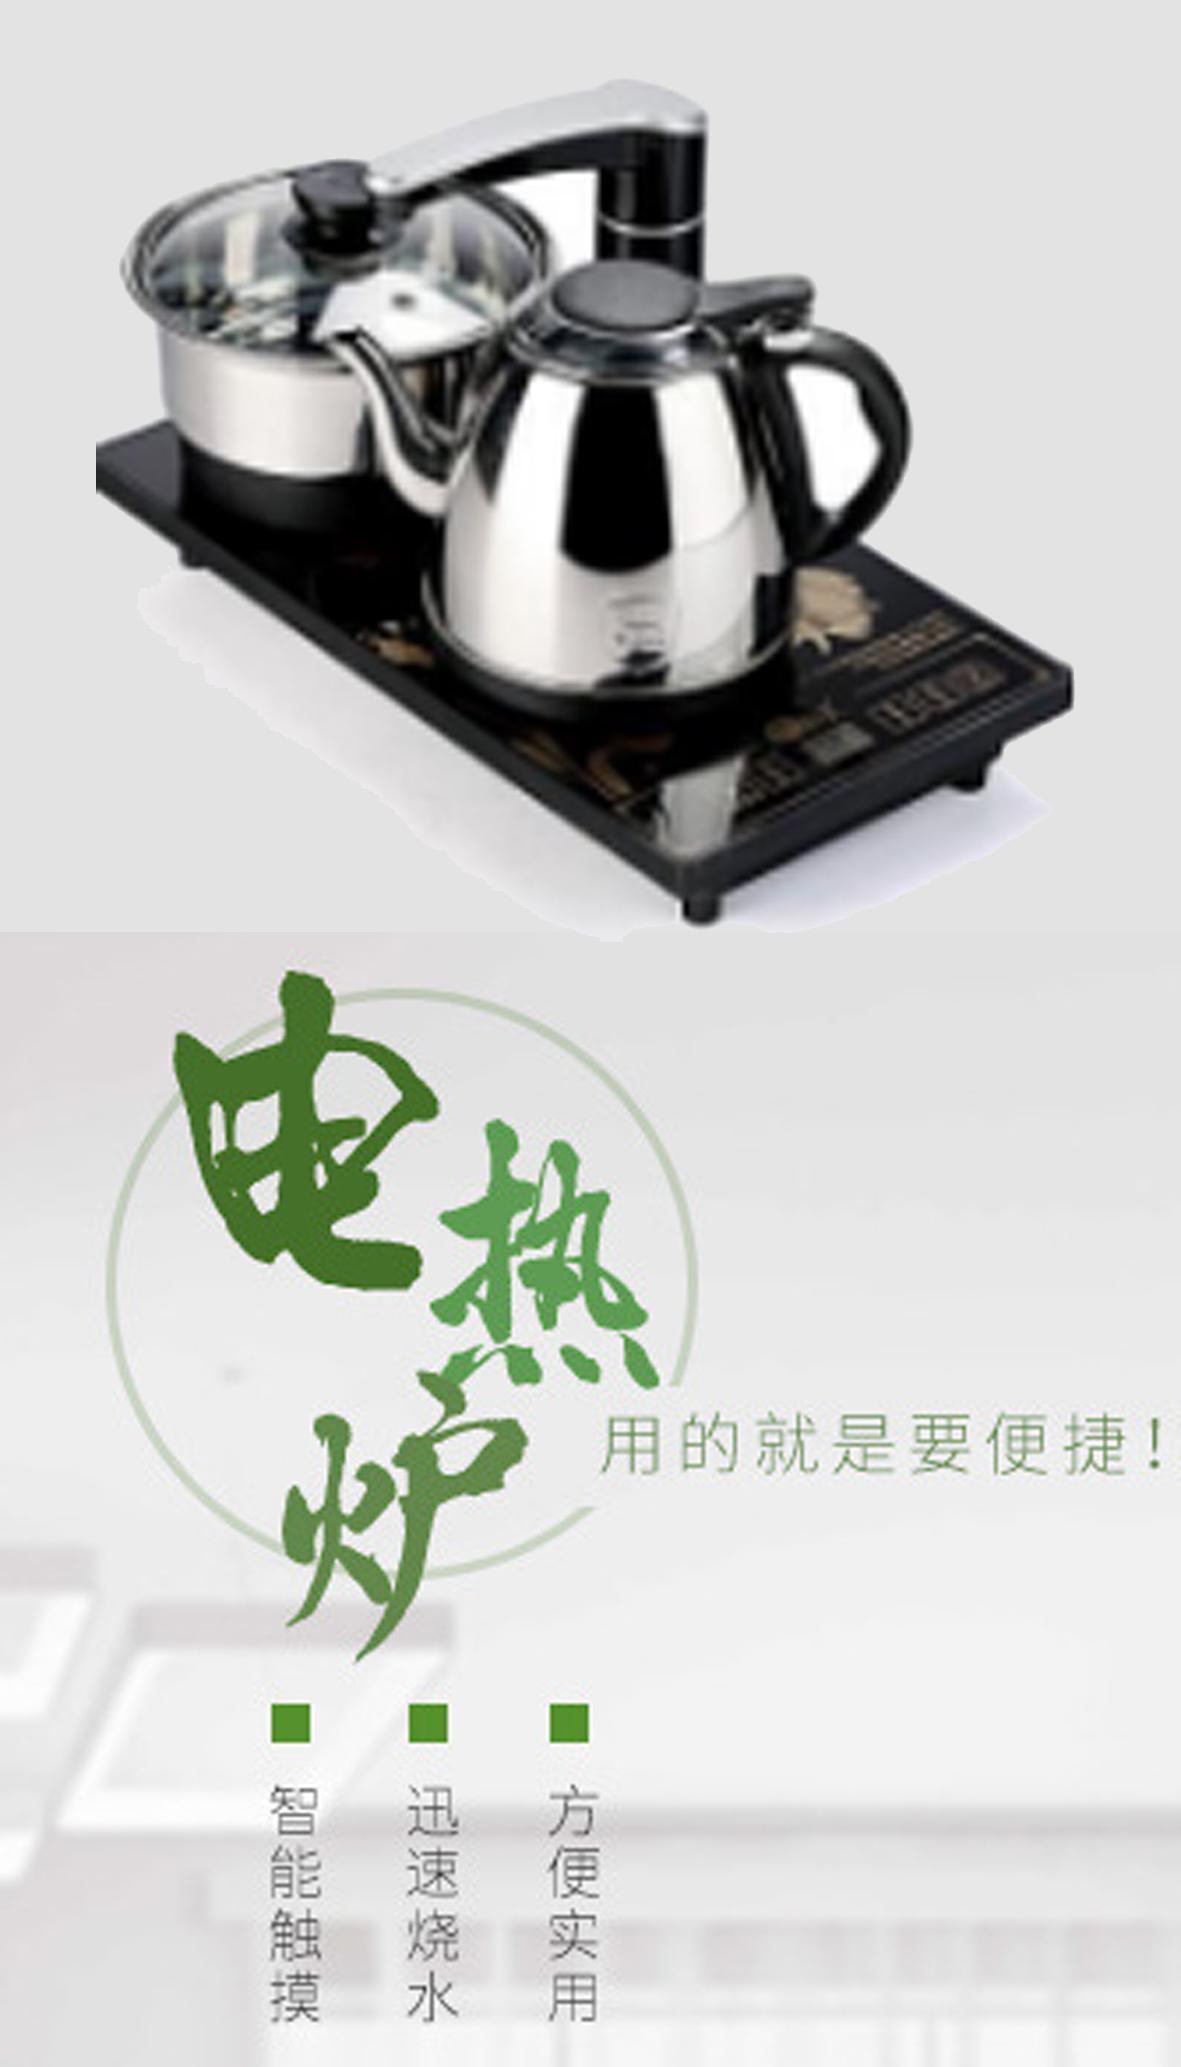 深圳厨具礼品有限公司